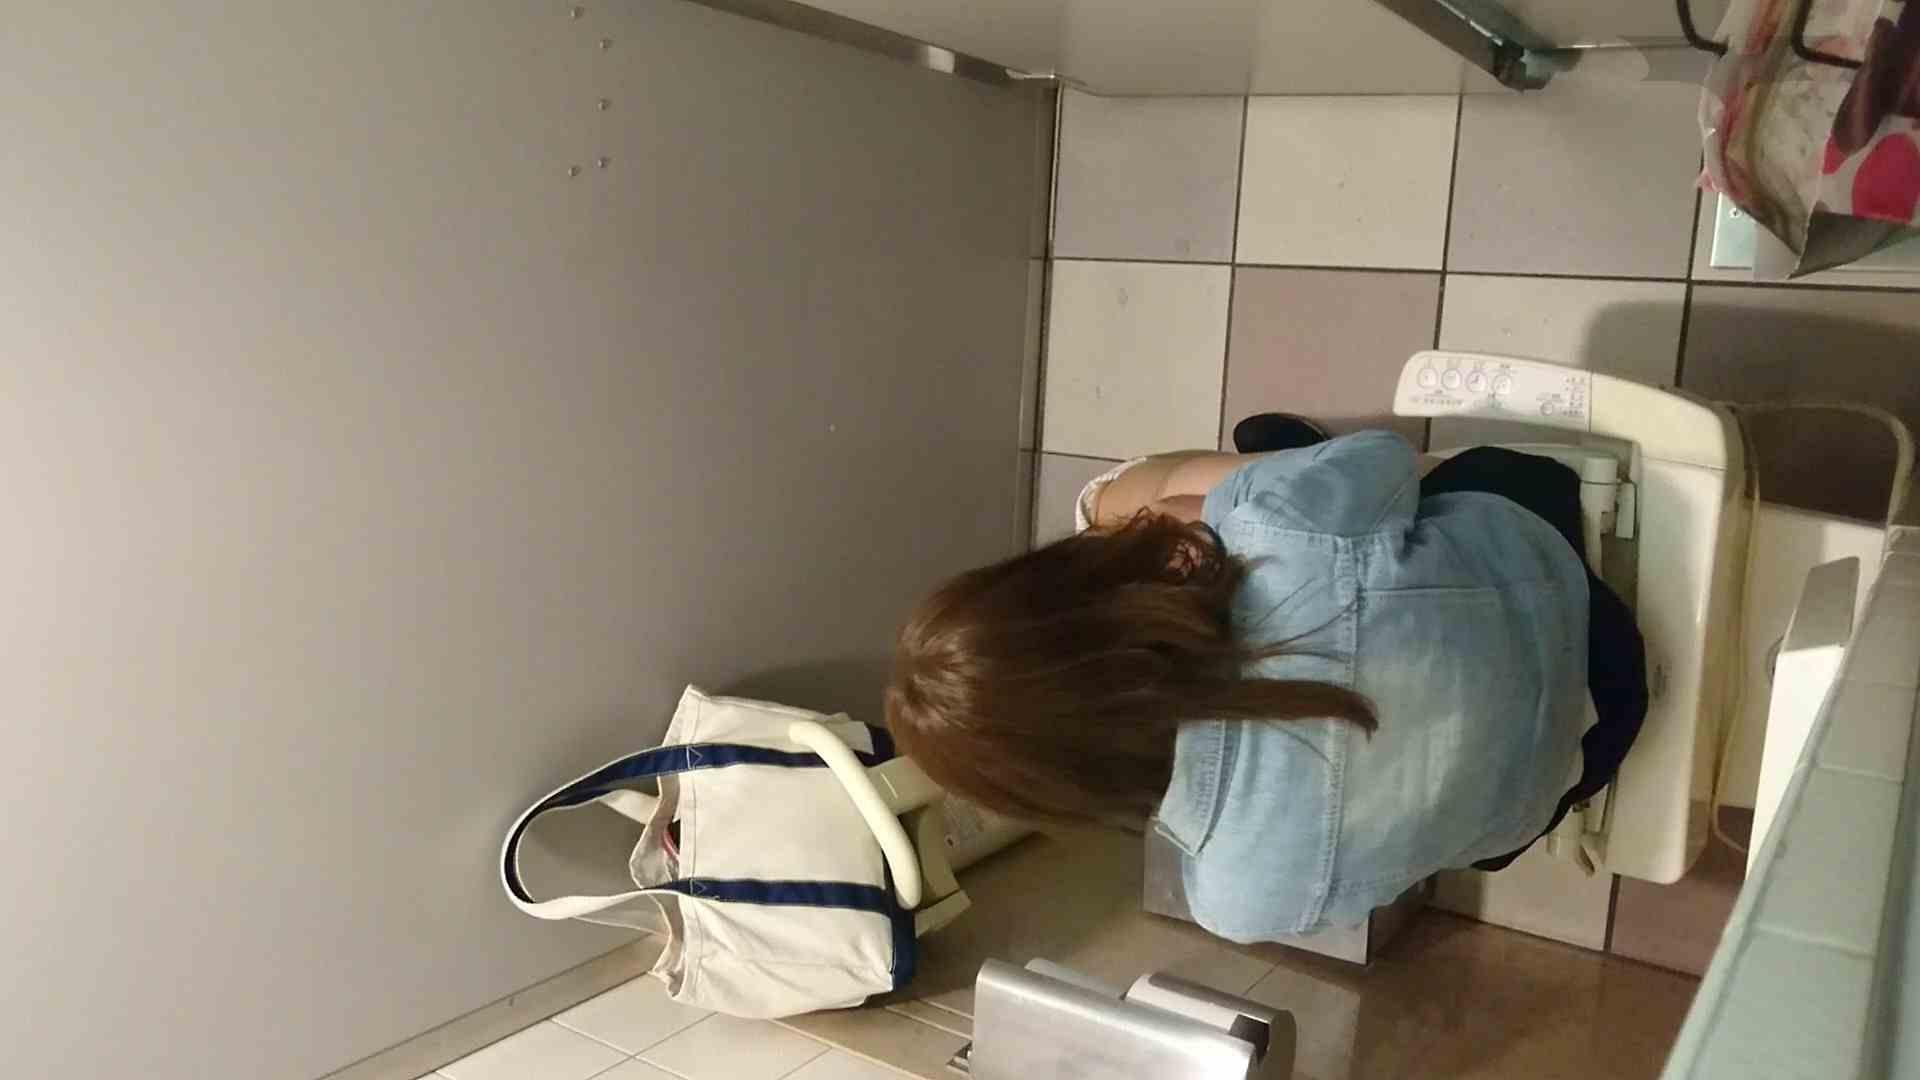 化粧室絵巻 ショッピングモール編 VOL.16 0 | HなOL  94pic 73